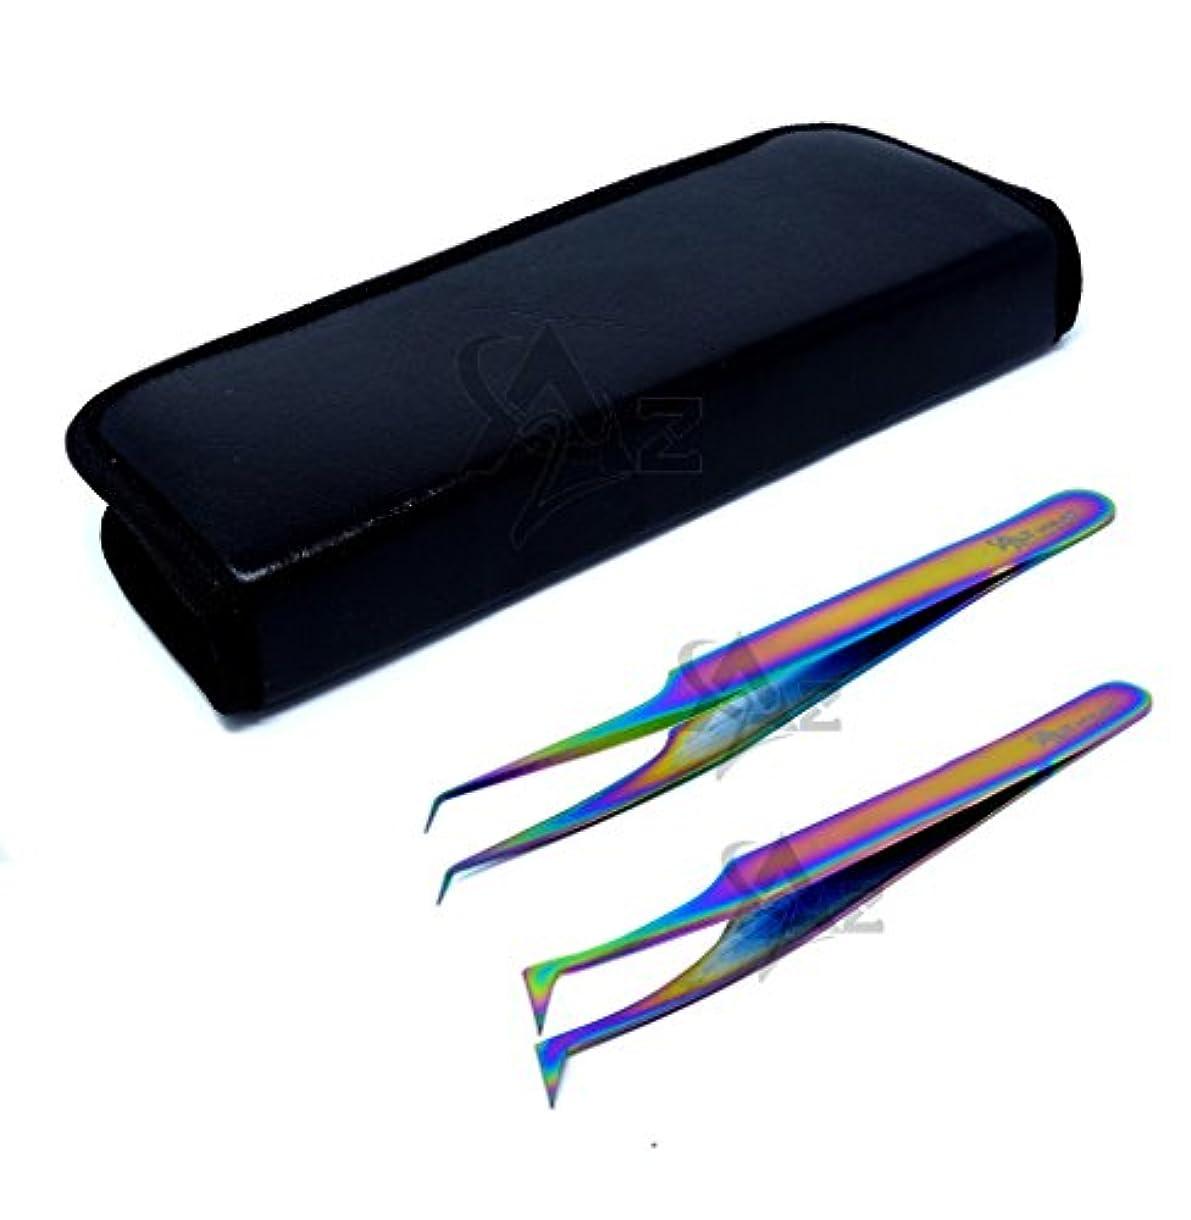 成功した乱暴なトランスミッションA2Z 2本のステンレス鋼マルチチタン虹色の3dまつ毛エクステンションピンセットプロストレートアングル+セミアングル細かい点のセット